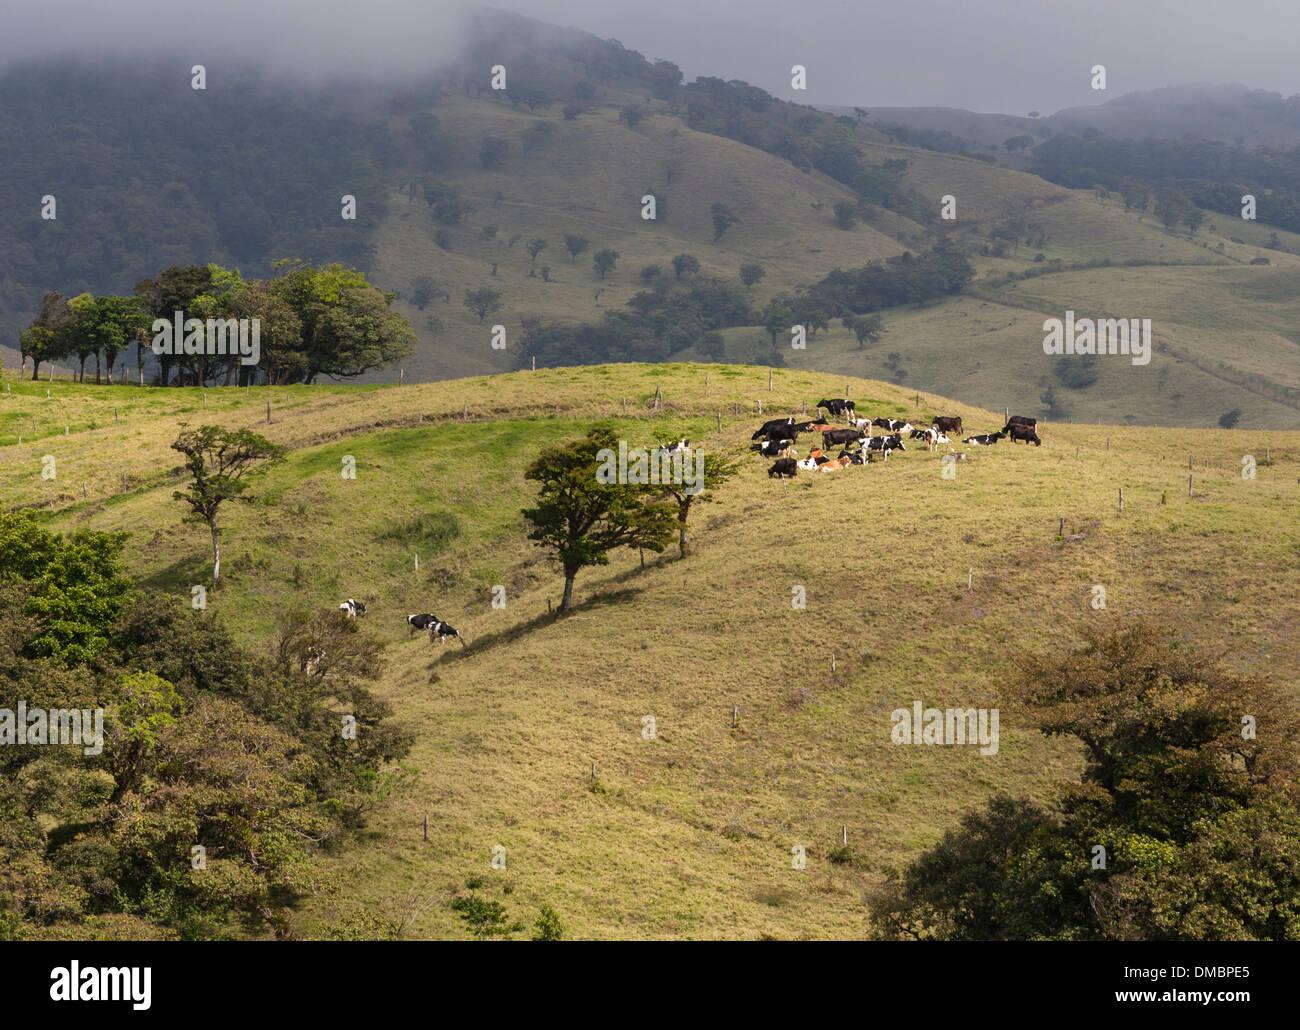 Terres agricoles vallonnées et pâturage pâturage au Costa Rica, près de San Jose, la capitale. Photo Stock